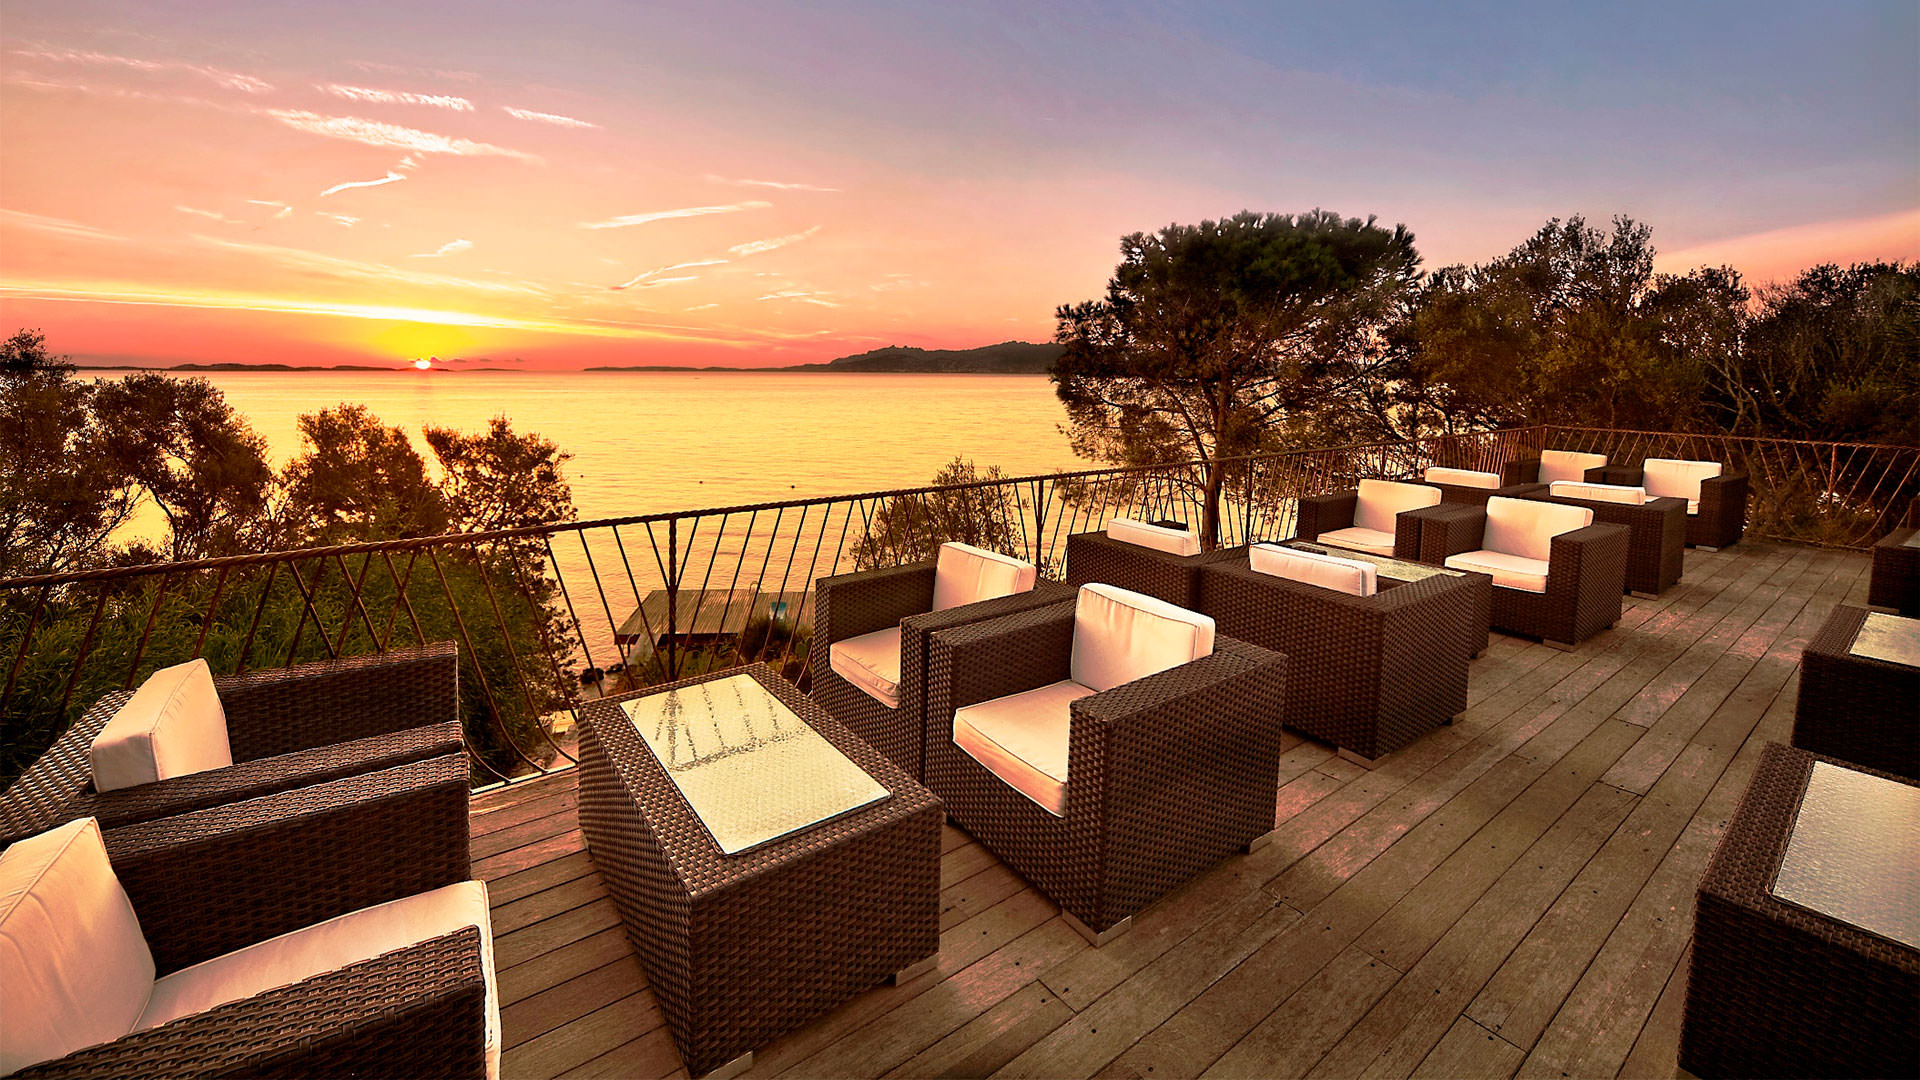 Hotel Capo d'Orso Thalasso & SPA della collezione Delphina